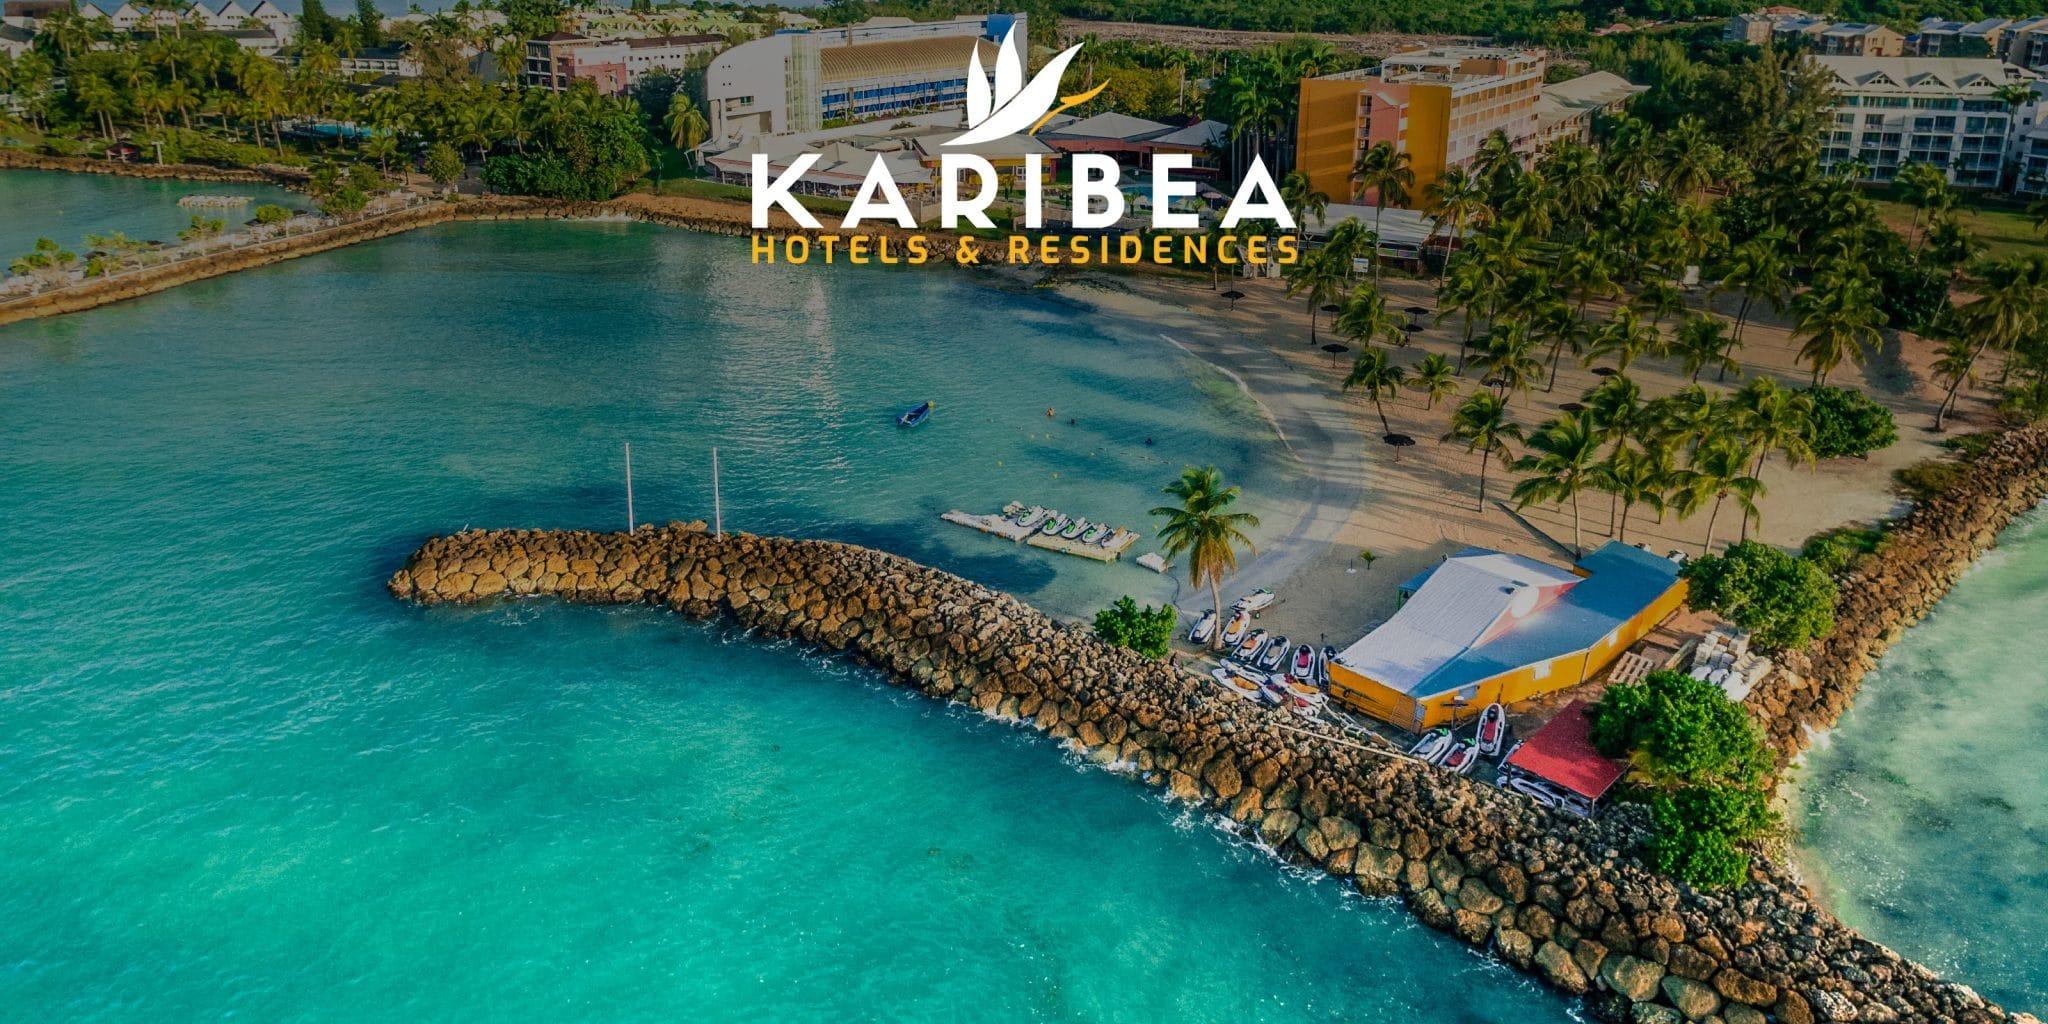 Séjour Martinique en demi pension au Karibéa Hotel pas cher : offre promo pour un séjour d'une semaine